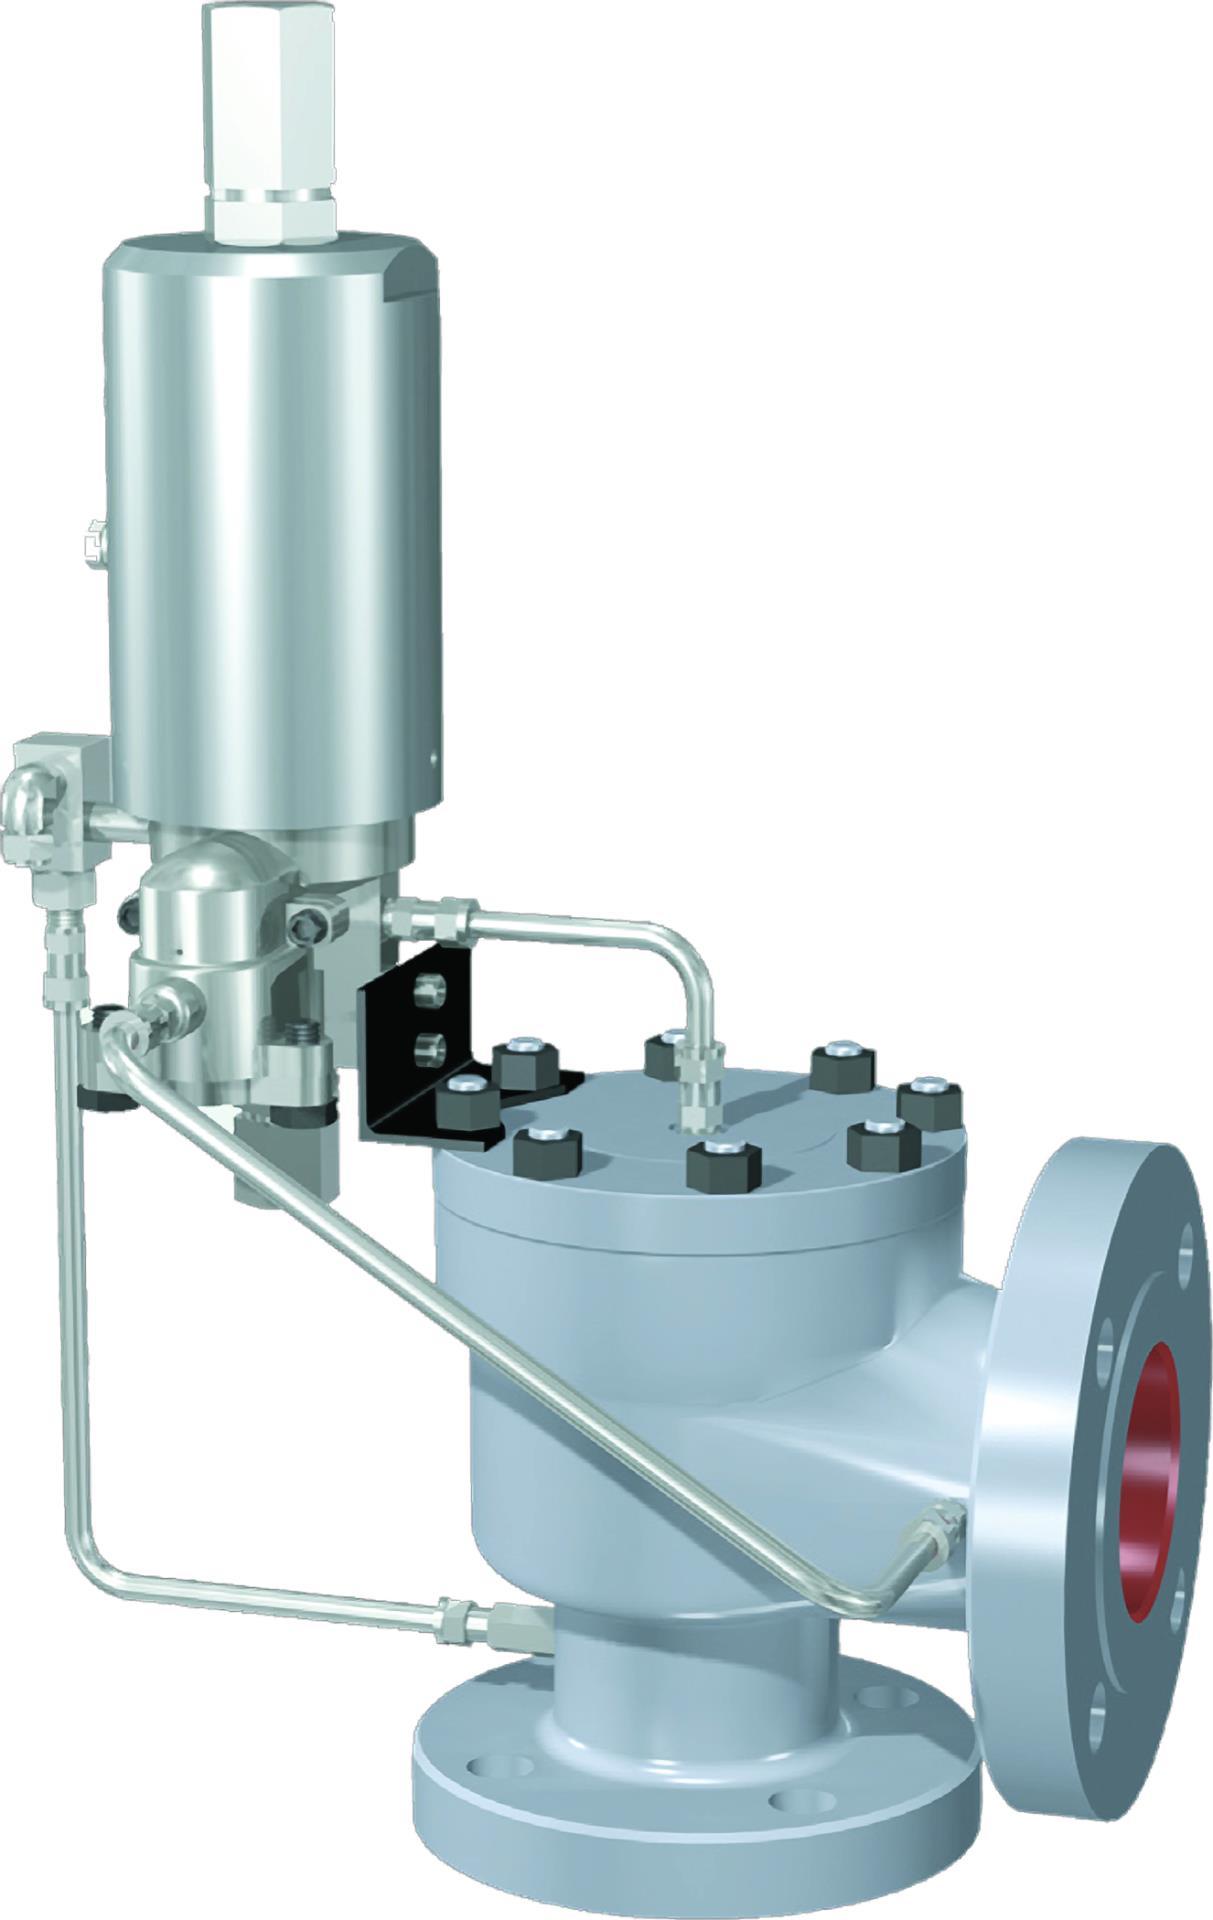 sikkerhetsventiler pressure safety relief valve SRV pilot valve trykk Dresser Consolidated Baker Hughes Model 3900